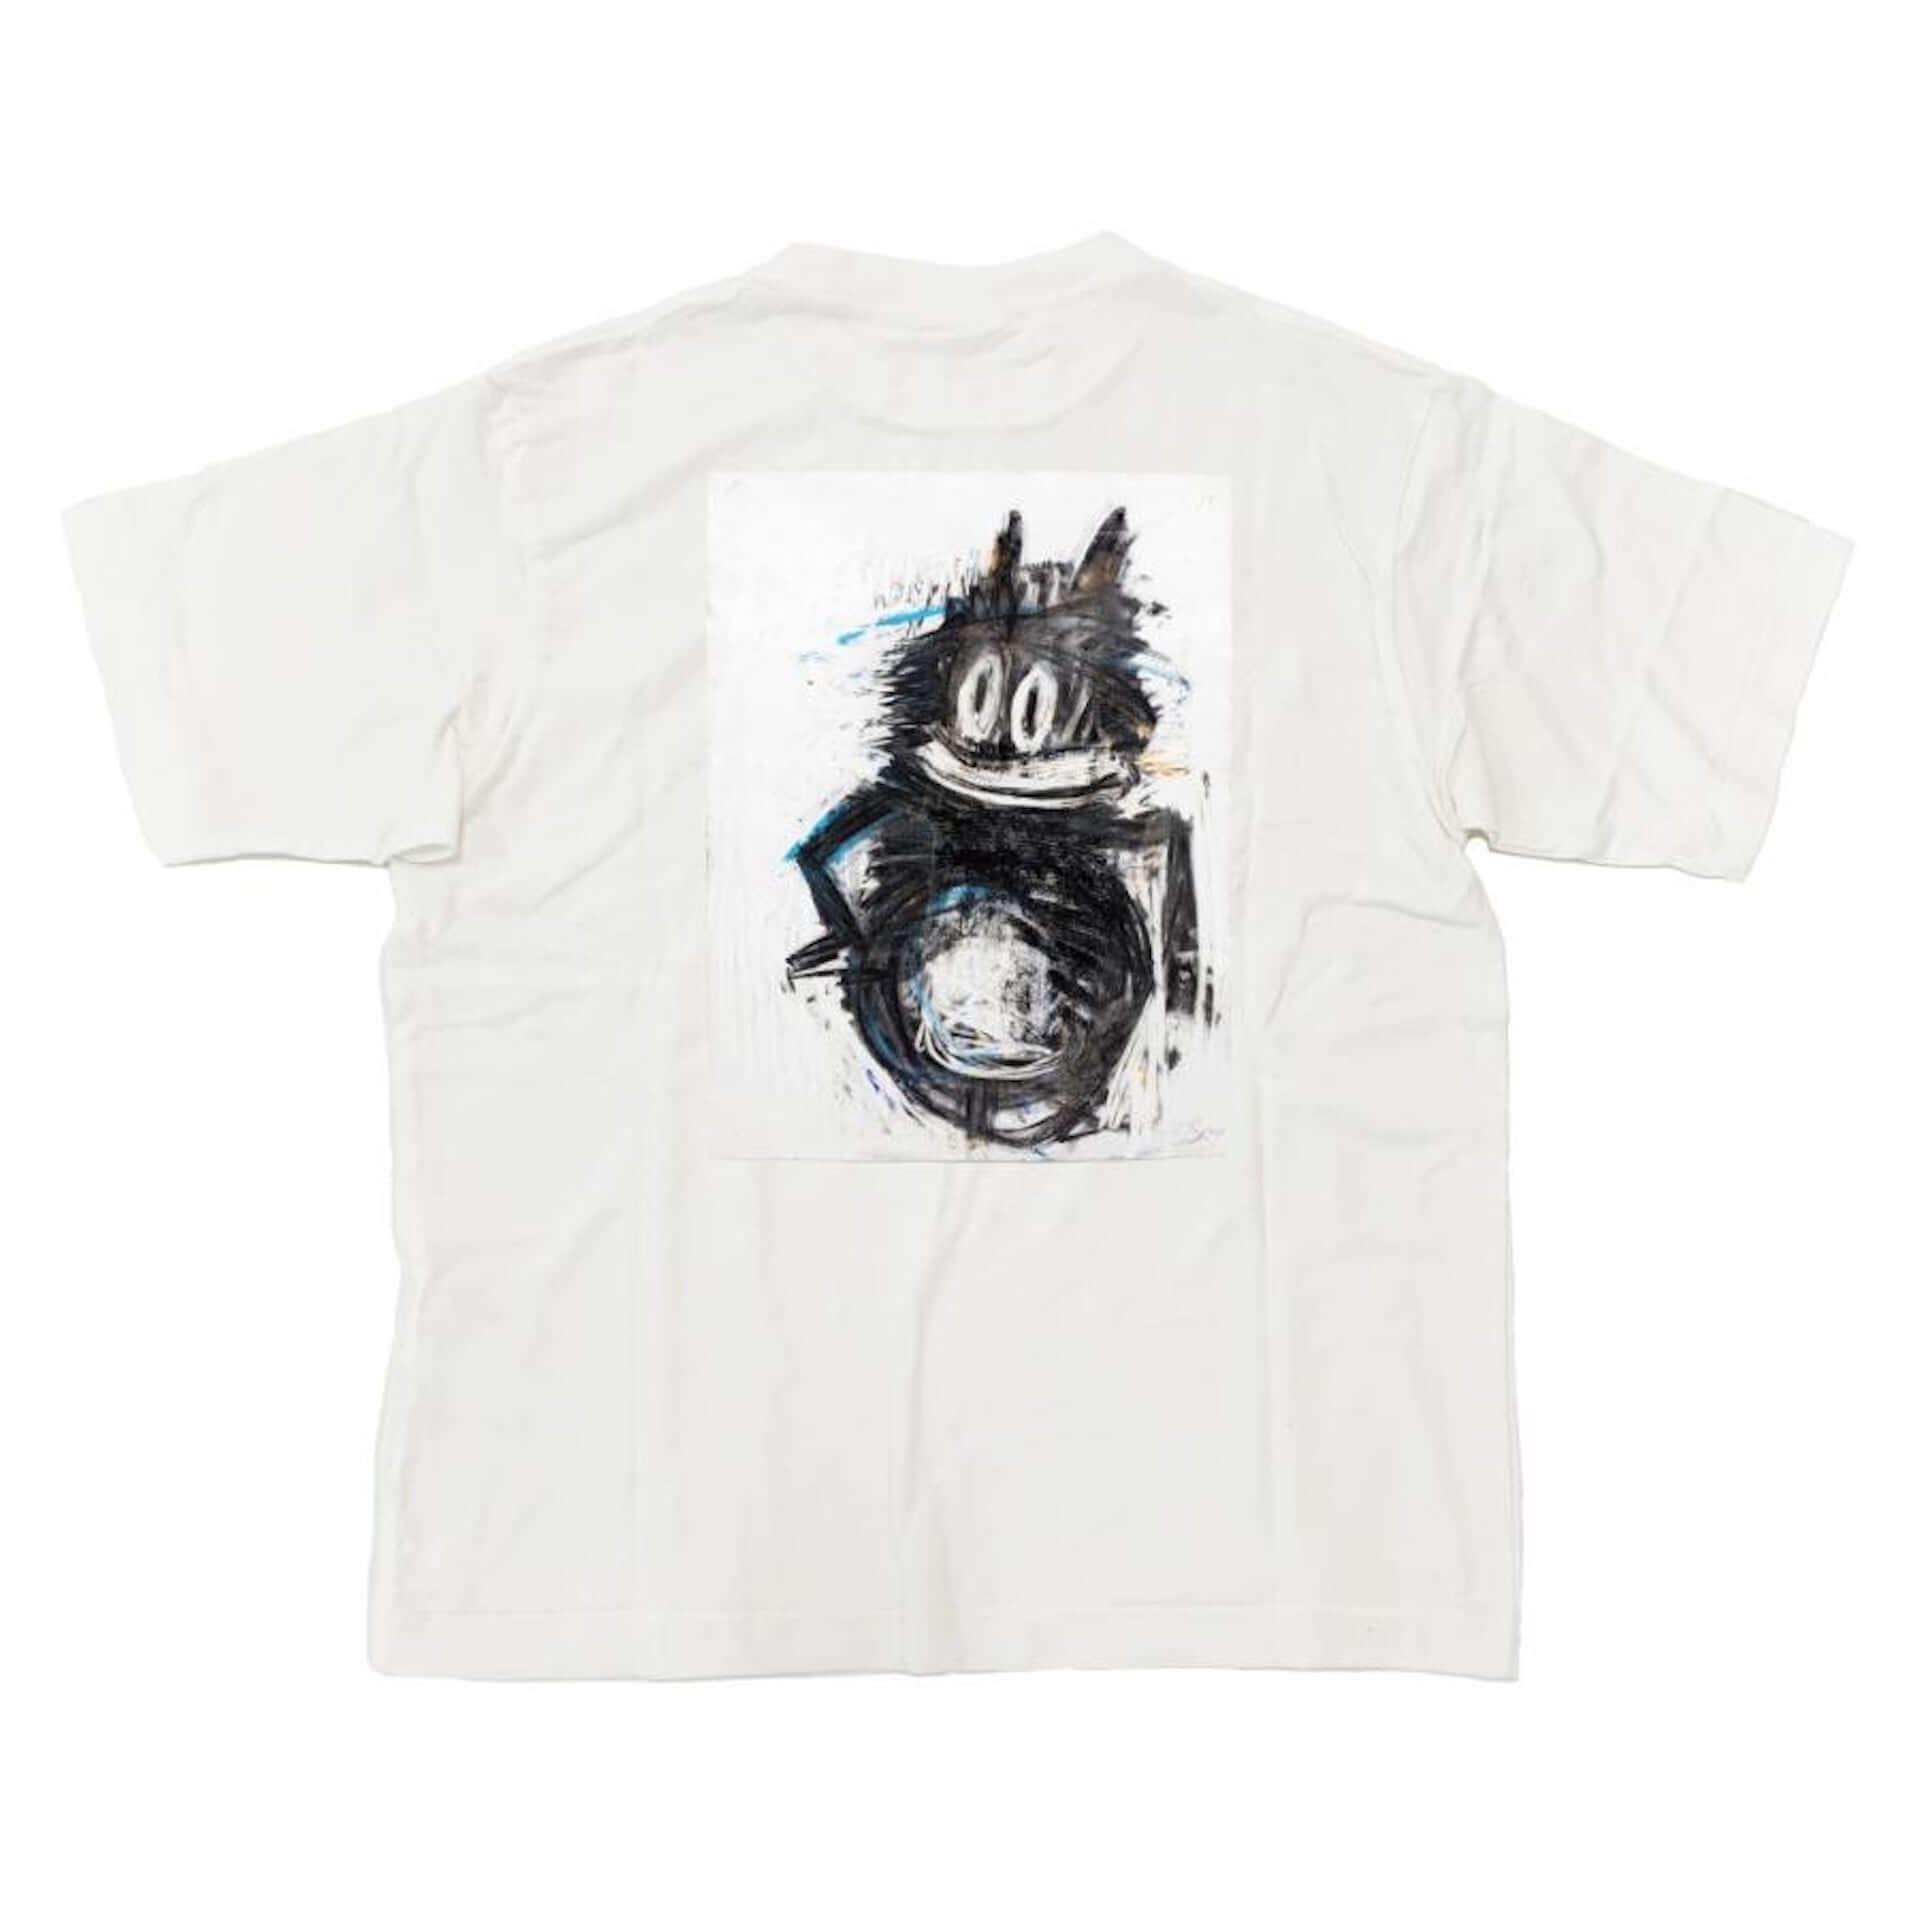 山口はるみ、空山基も参加!NANZUKA<GLOBAL POP UNDERGROUND>の限定Tシャツがリリース|オンライン展示も開始 art200715_parco_gpu_7-1920x1920